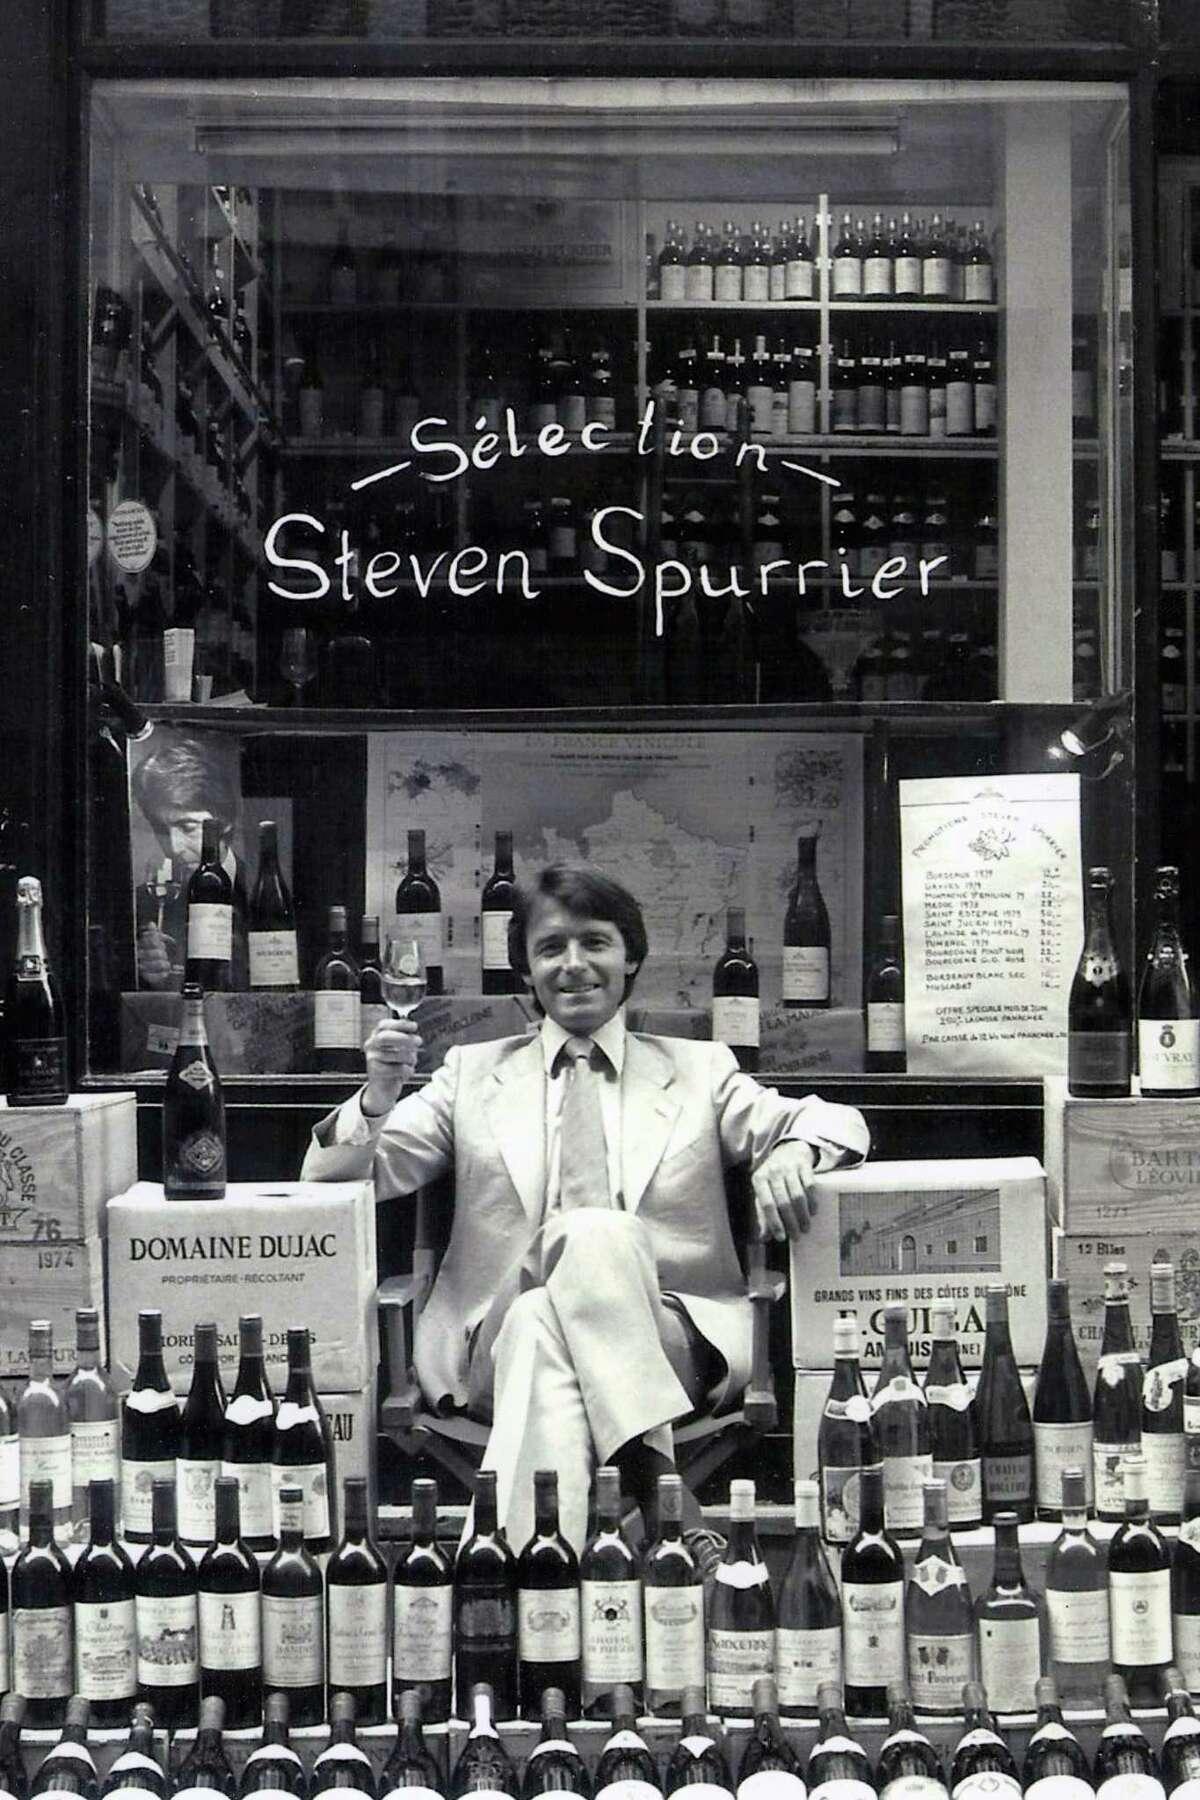 Steven Spurrier poses outside his Paris wine shop, Les Caves de la Madeleine, circa 1980.